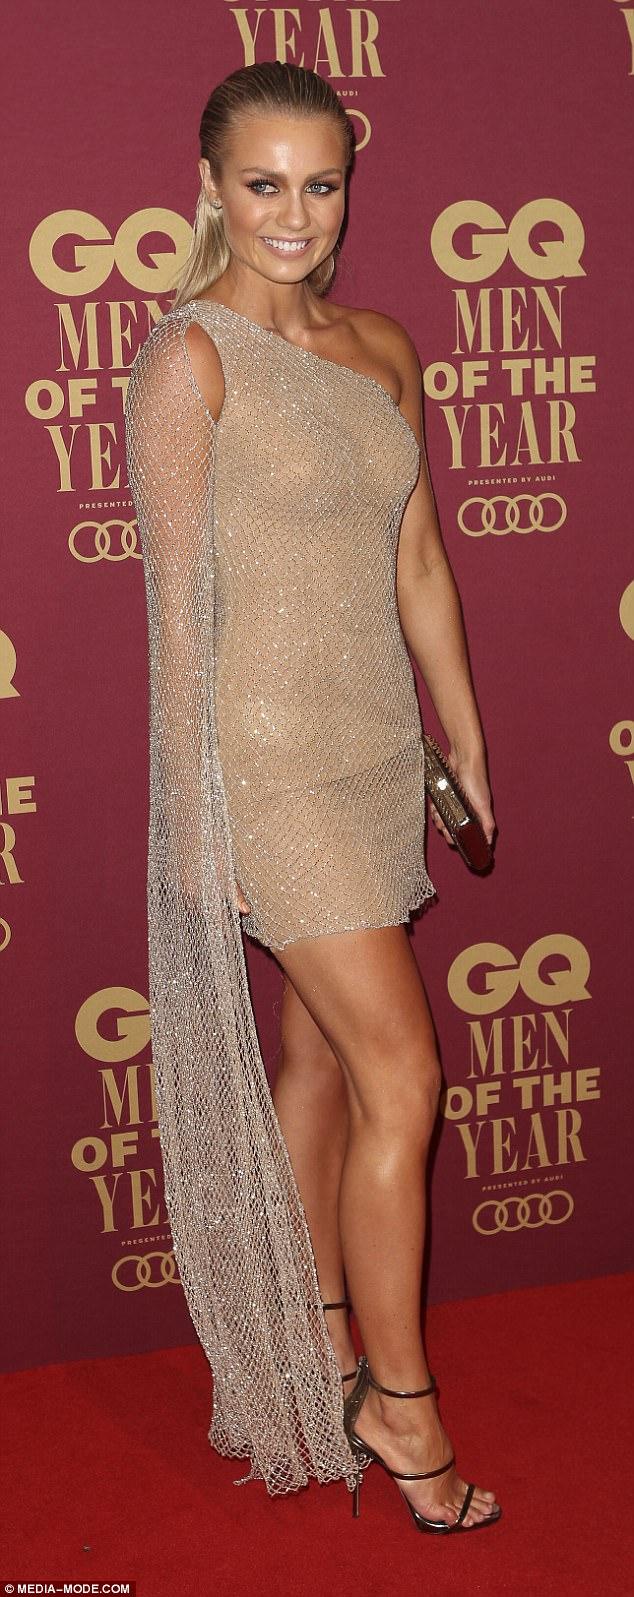 Elyse Knowles GQ Awards 2.jpg